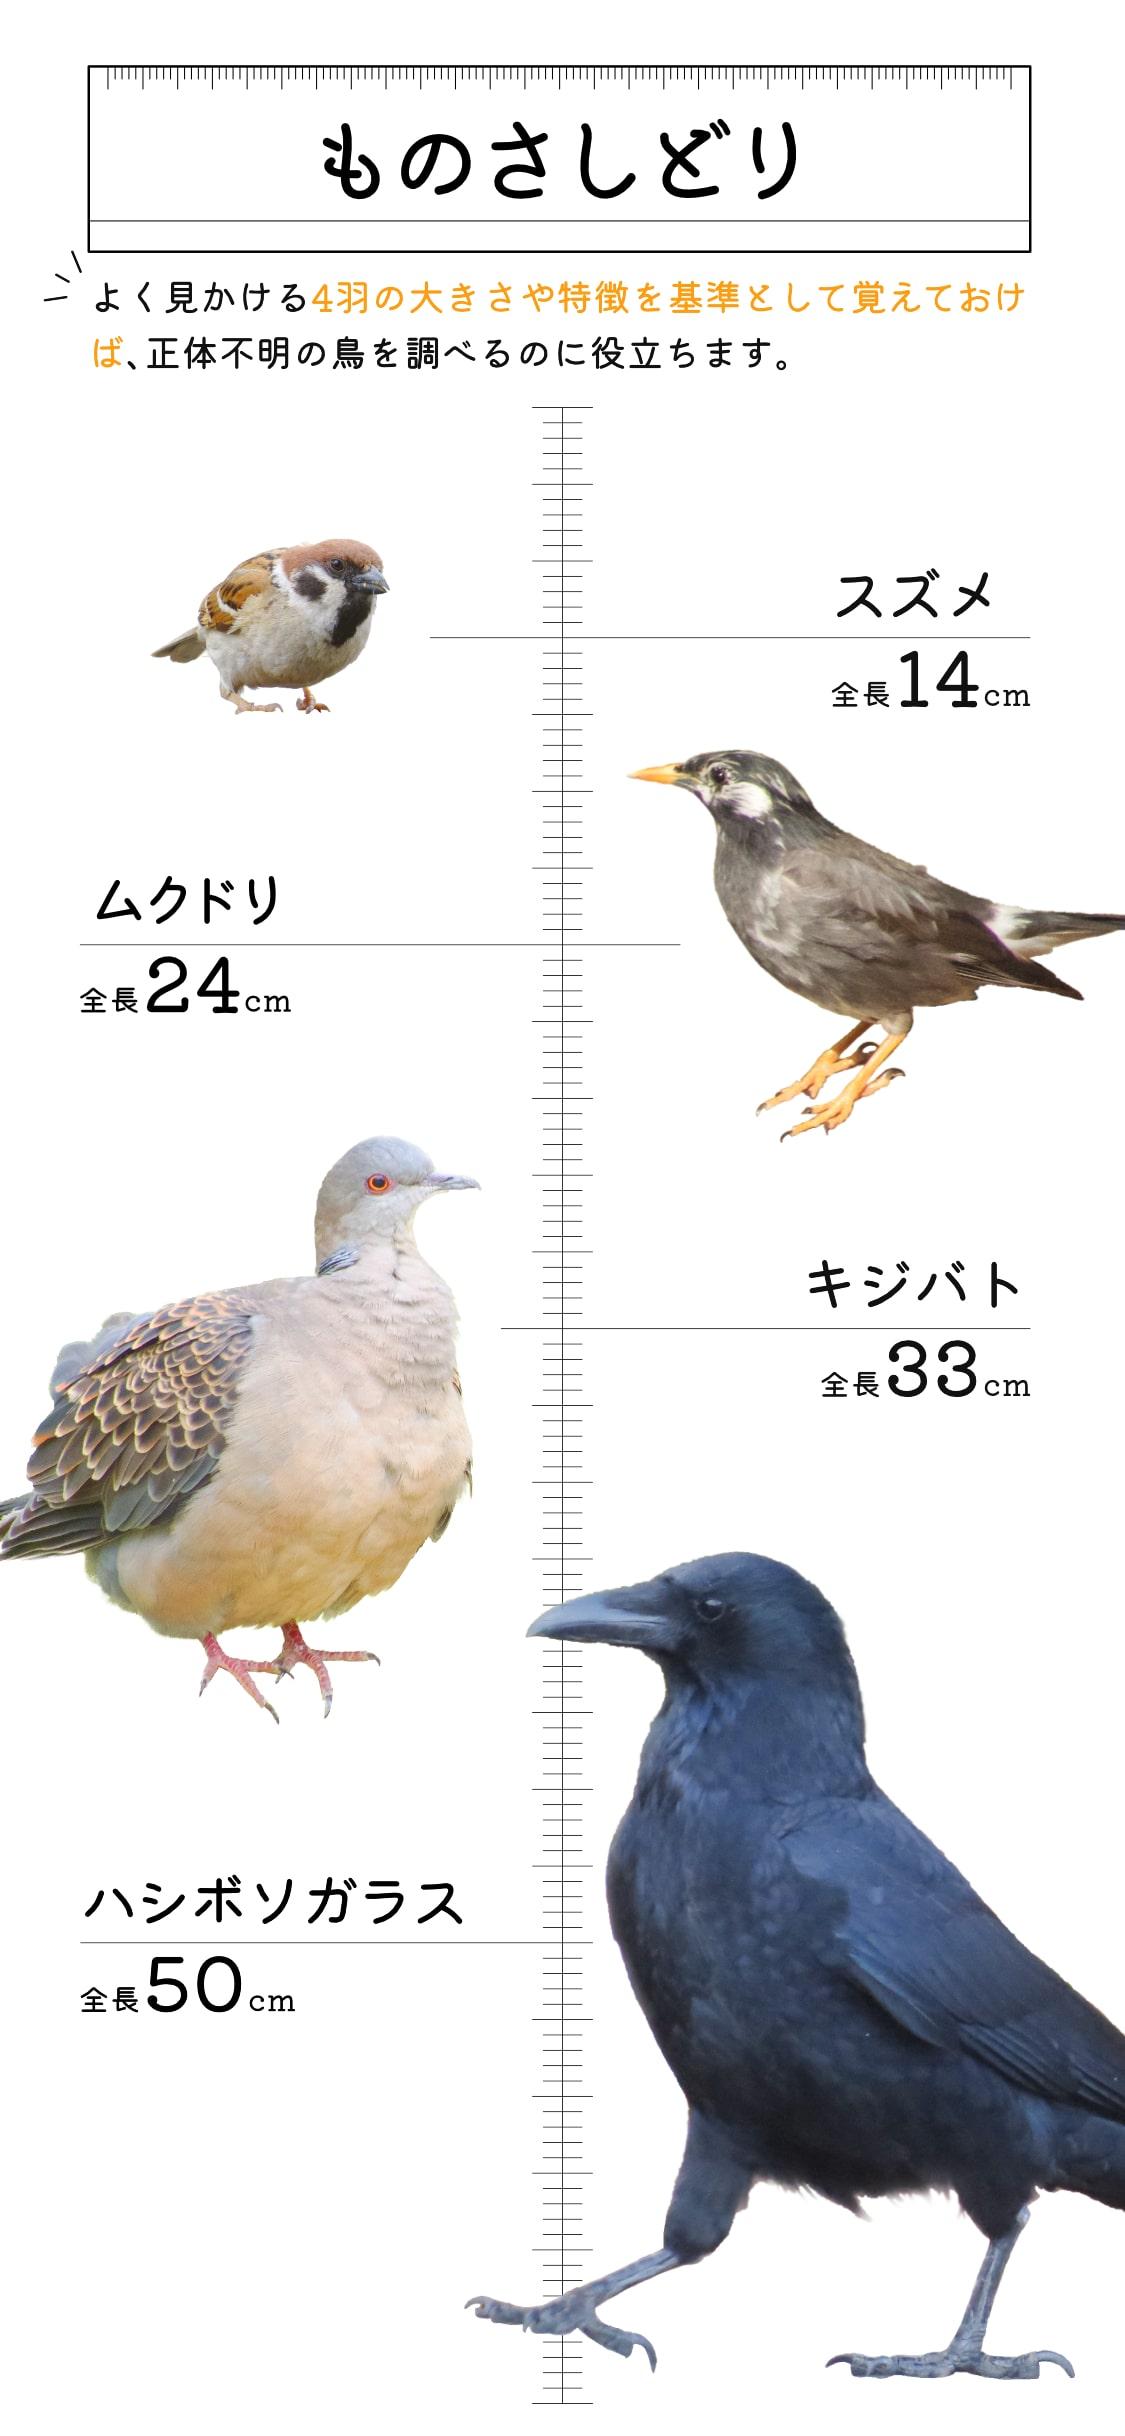 ものさしどり4羽をまとめた縦長画像